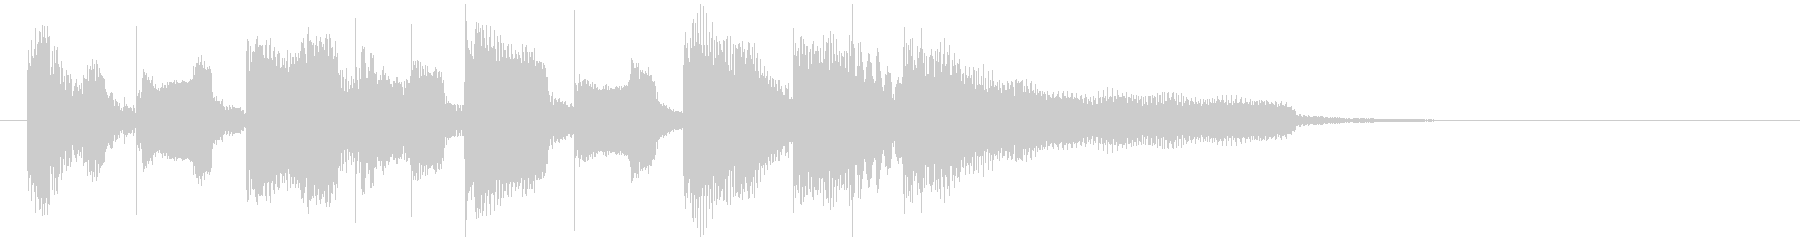 ほのぼのリコーダーの日常系アイキャッチの未再生の波形